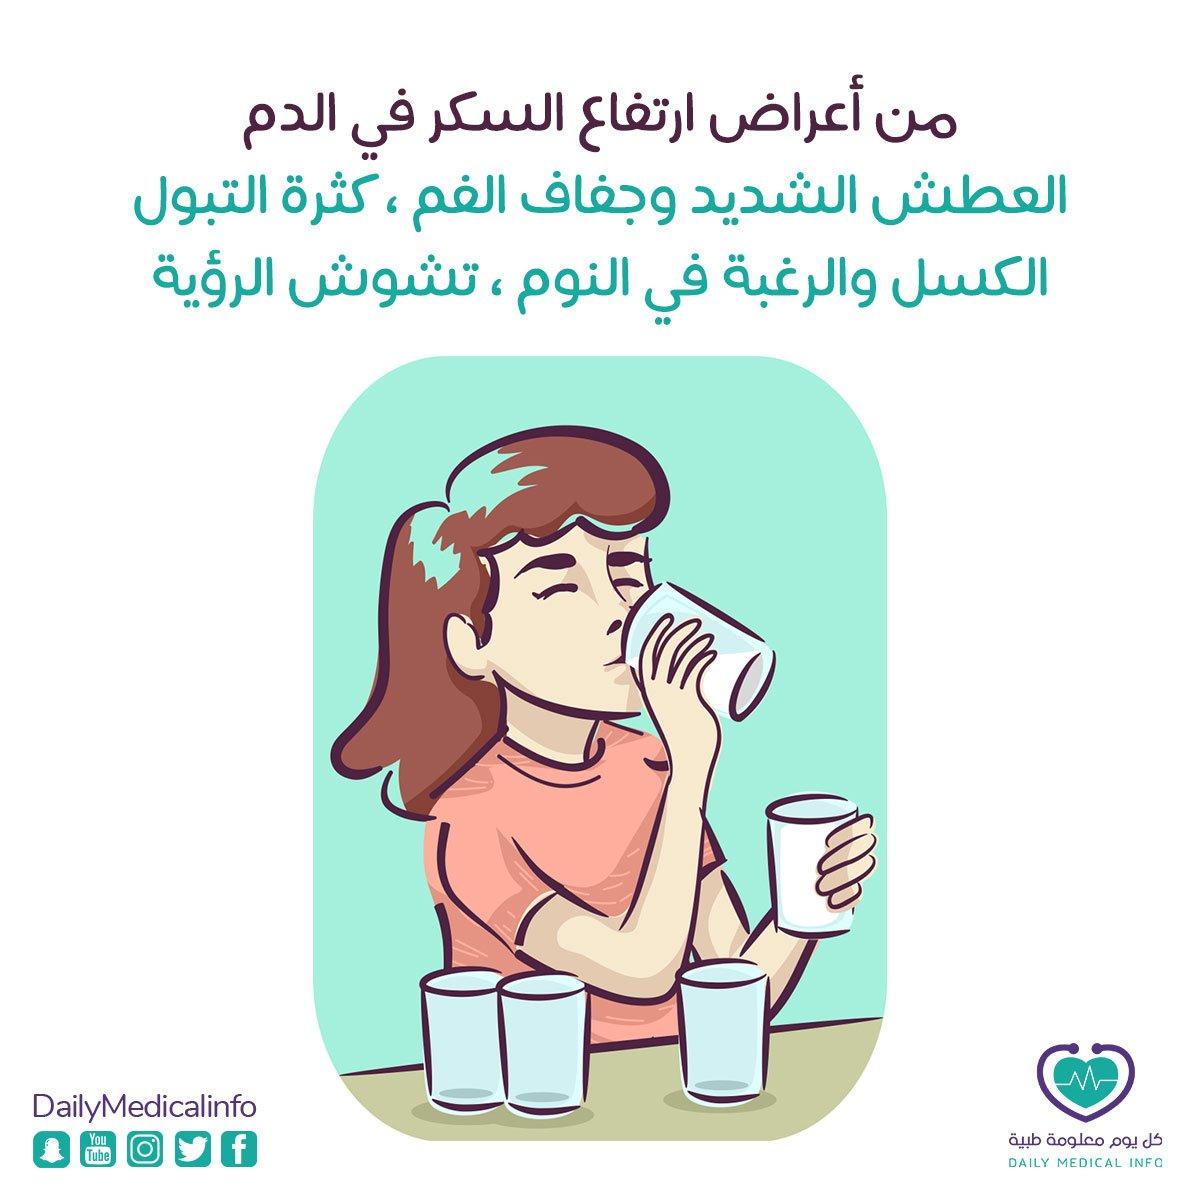 كل يوم معلومة طبية من أعراض ارتفاع السكر في الدم العطش الشديد وجفاف الفم كثرة التبول الكسل والرغبة في النوم تشوش الرؤية لذلك انتبه لهذه الأعراض ولا تتردد